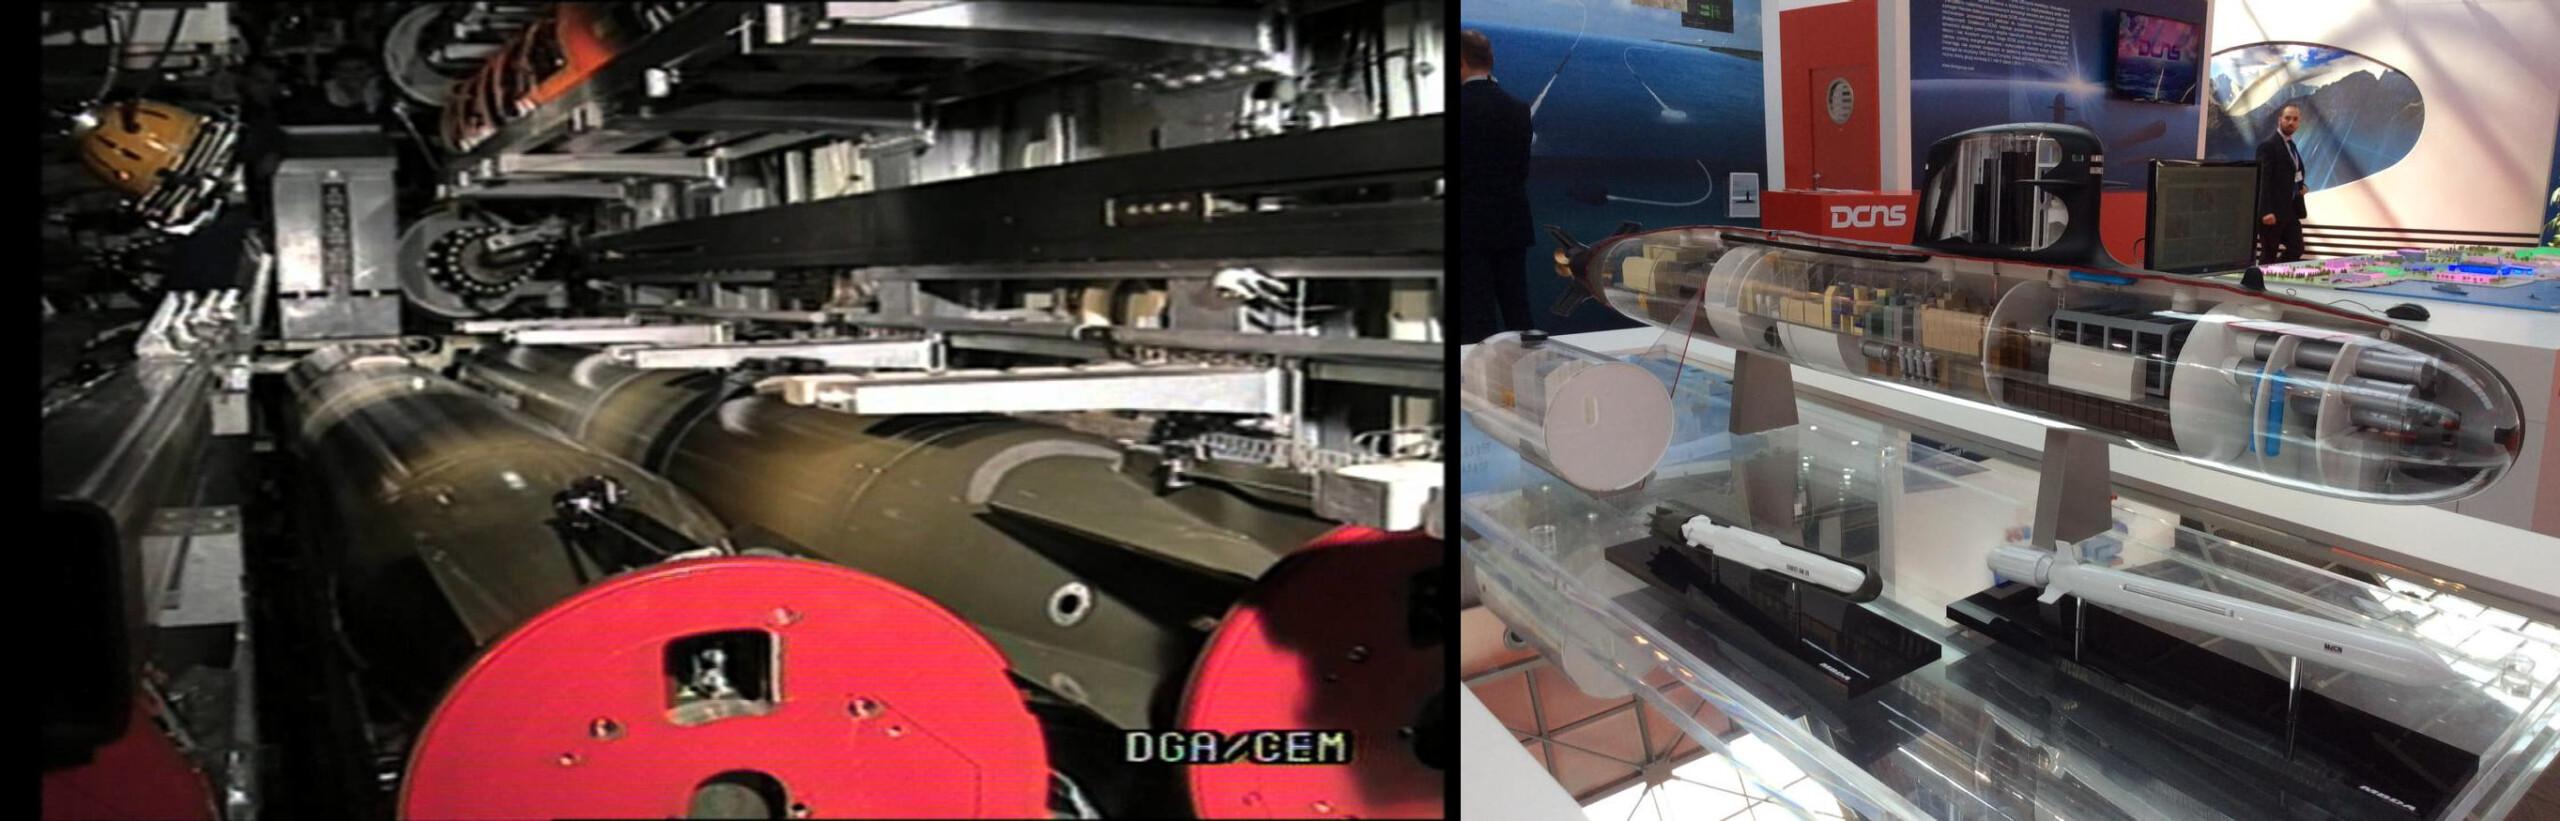 Scorpene - MBDA SM-39 Exocet gemisavar füzesi